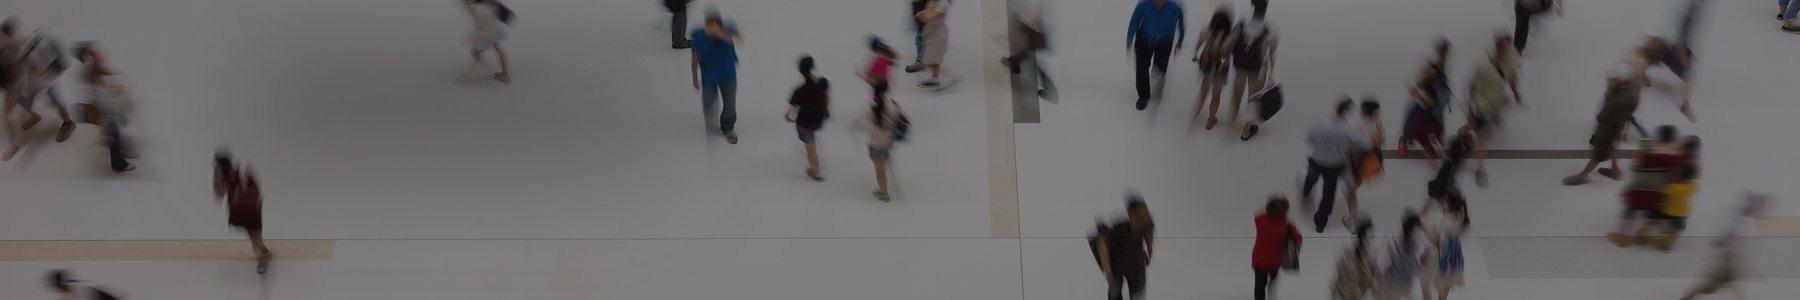 exhibit_background